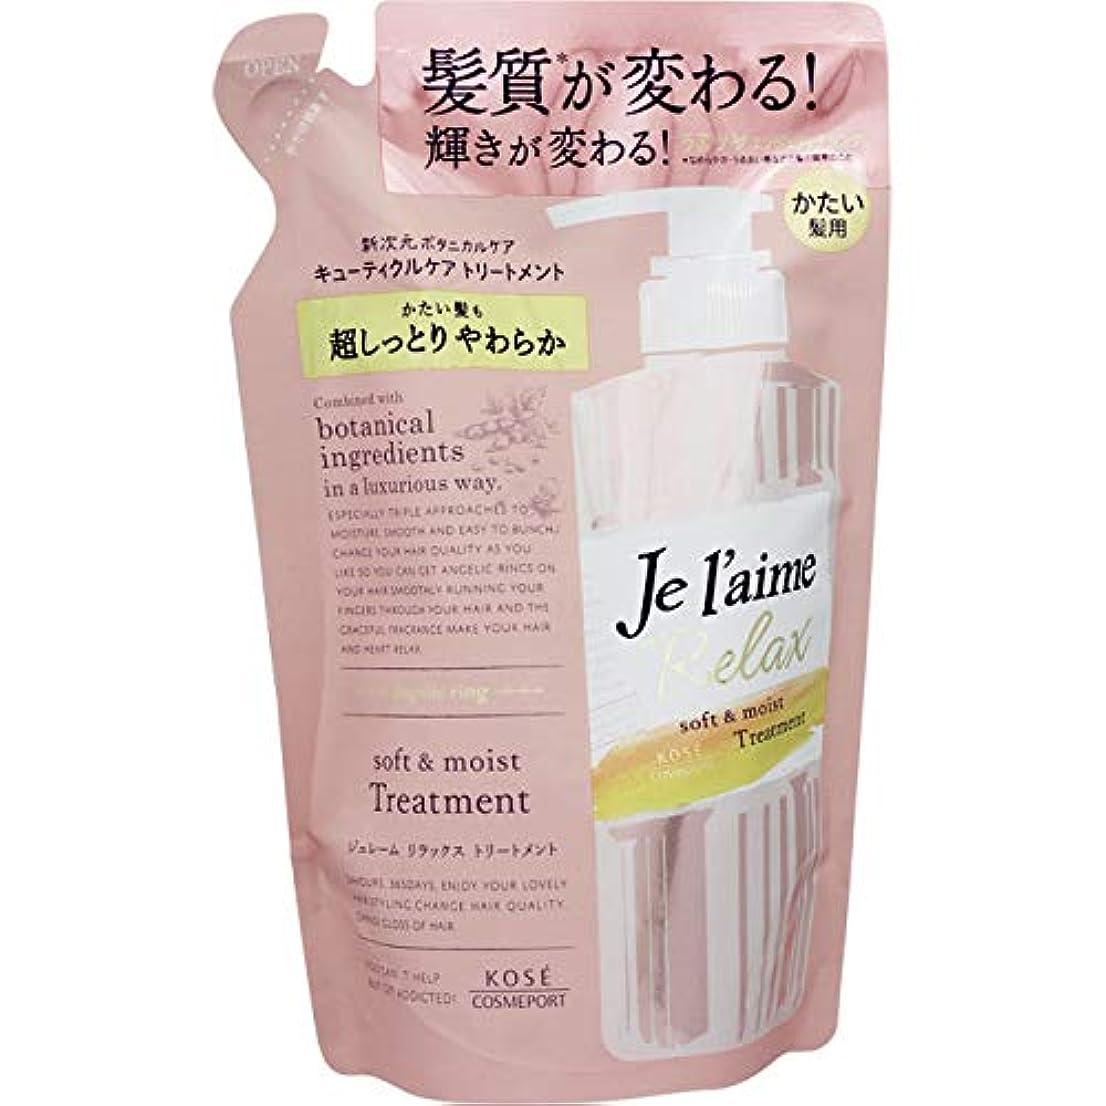 浴室対象逆【7個セット】ジュレーム リラックス トリートメント (ソフト&モイスト) つめかえ かたい髪用 360mL